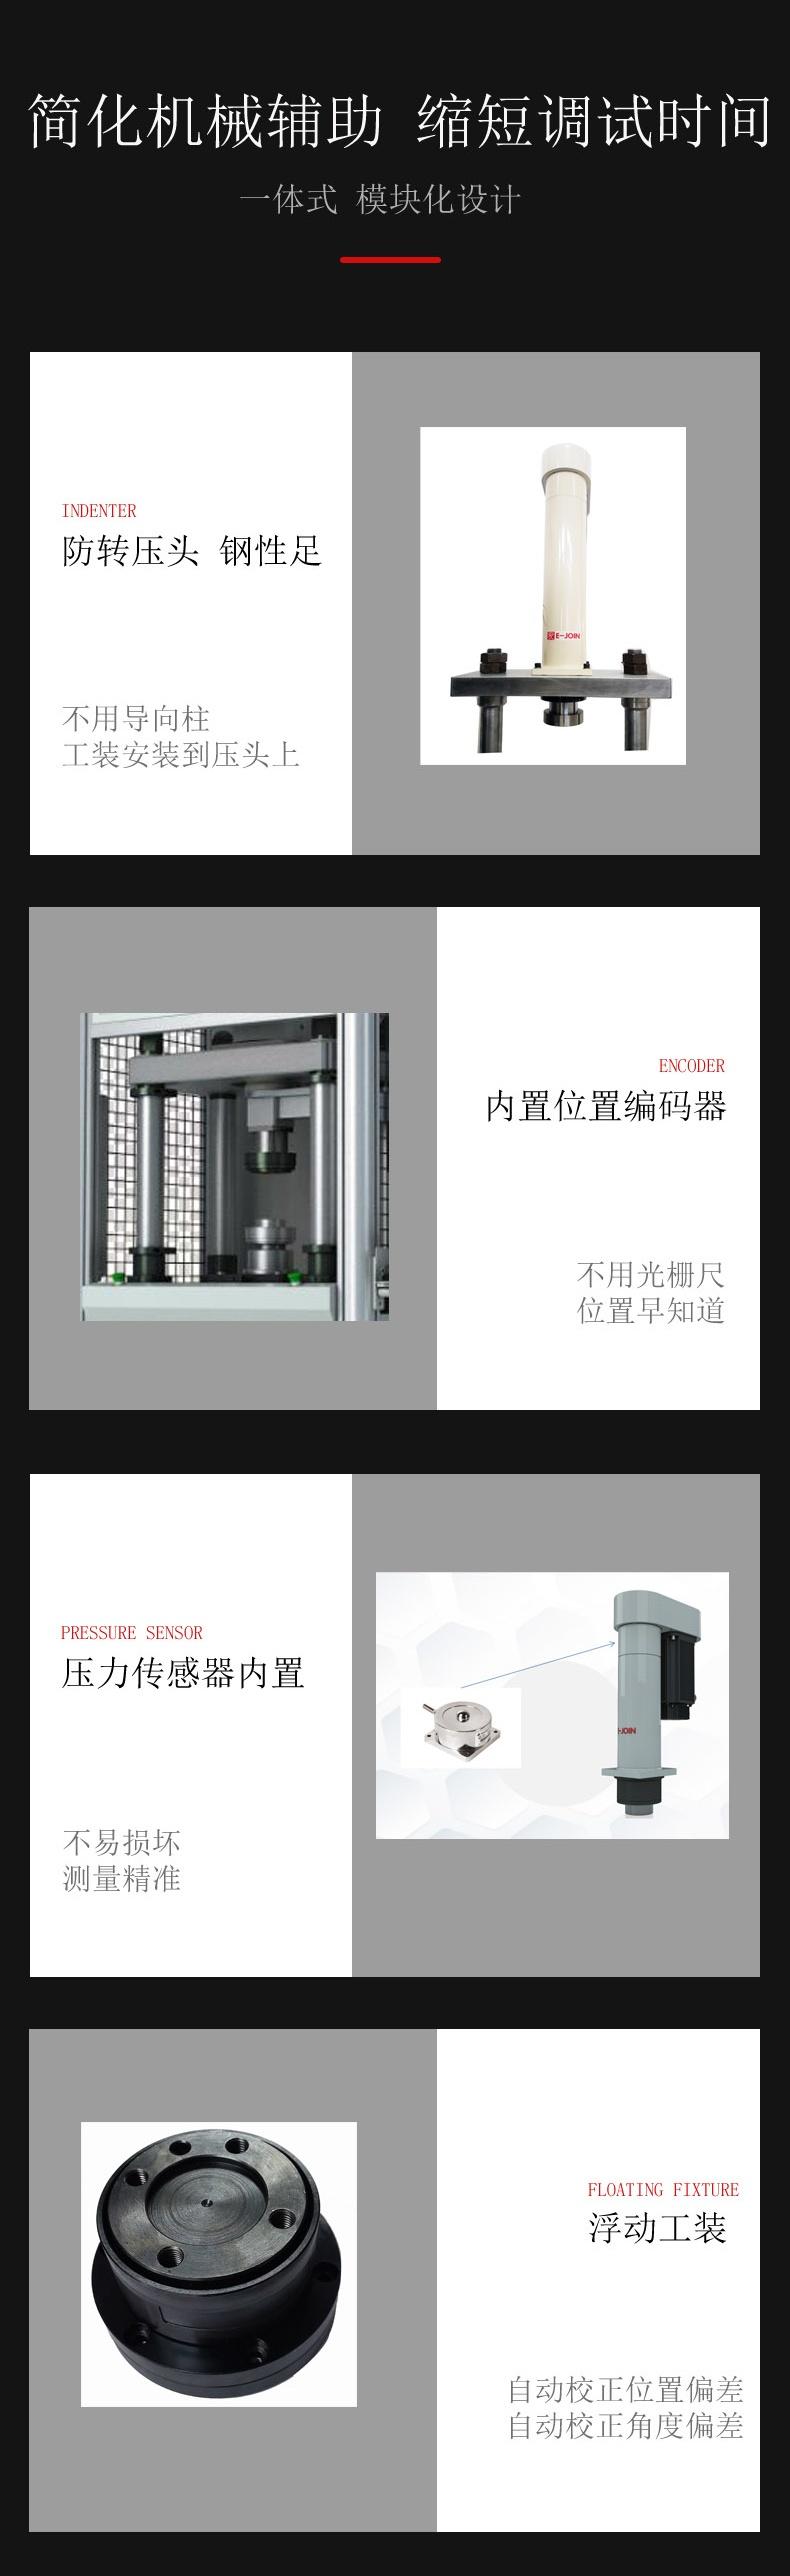 伺服压装机模块